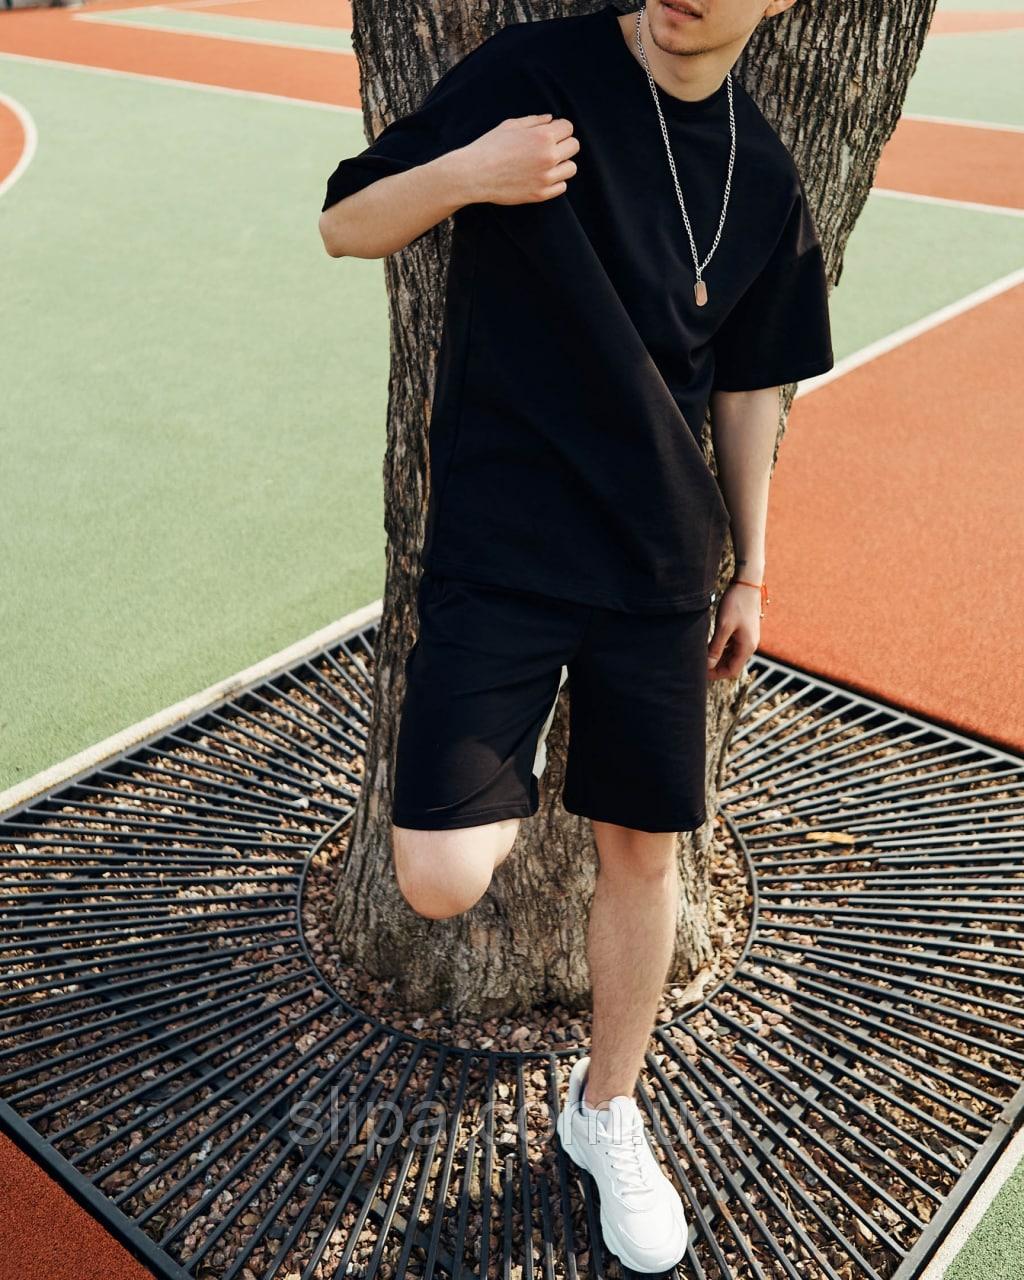 Літній спортивний костюм чорний оверсайз | двухнить | футболка + шорти